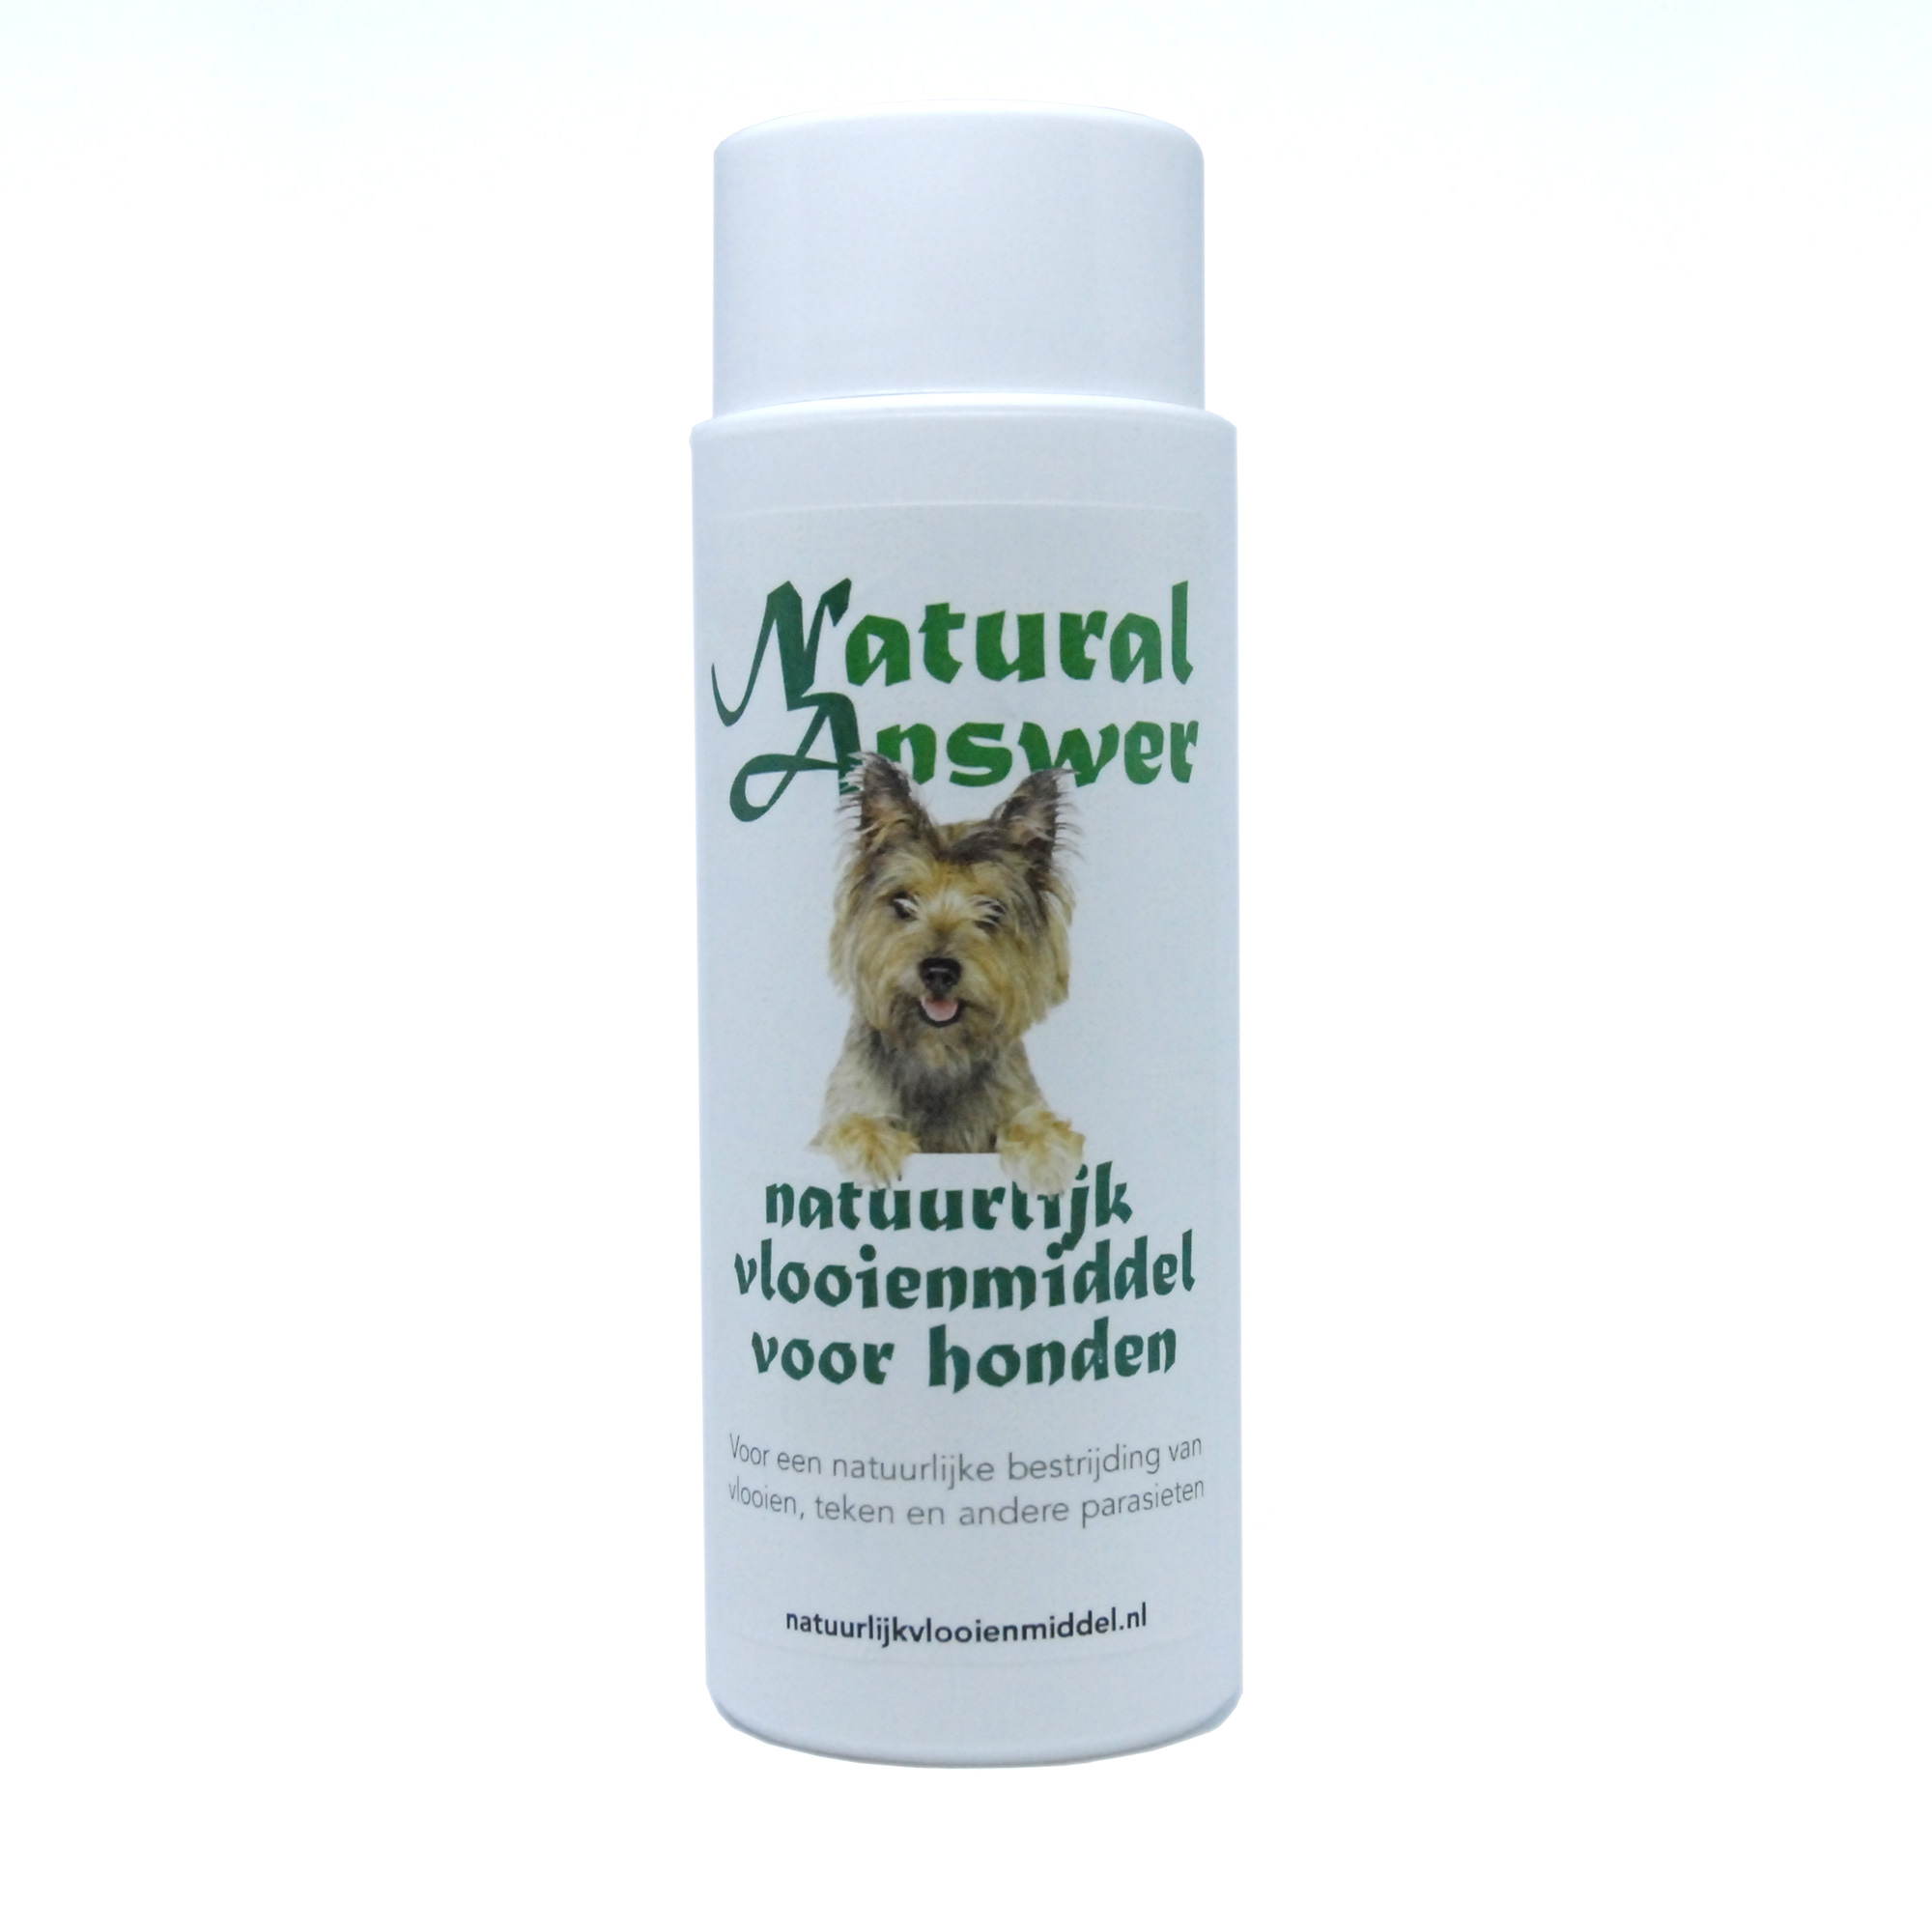 natuurlijk vlooienmiddel voor honden | Natural Answer